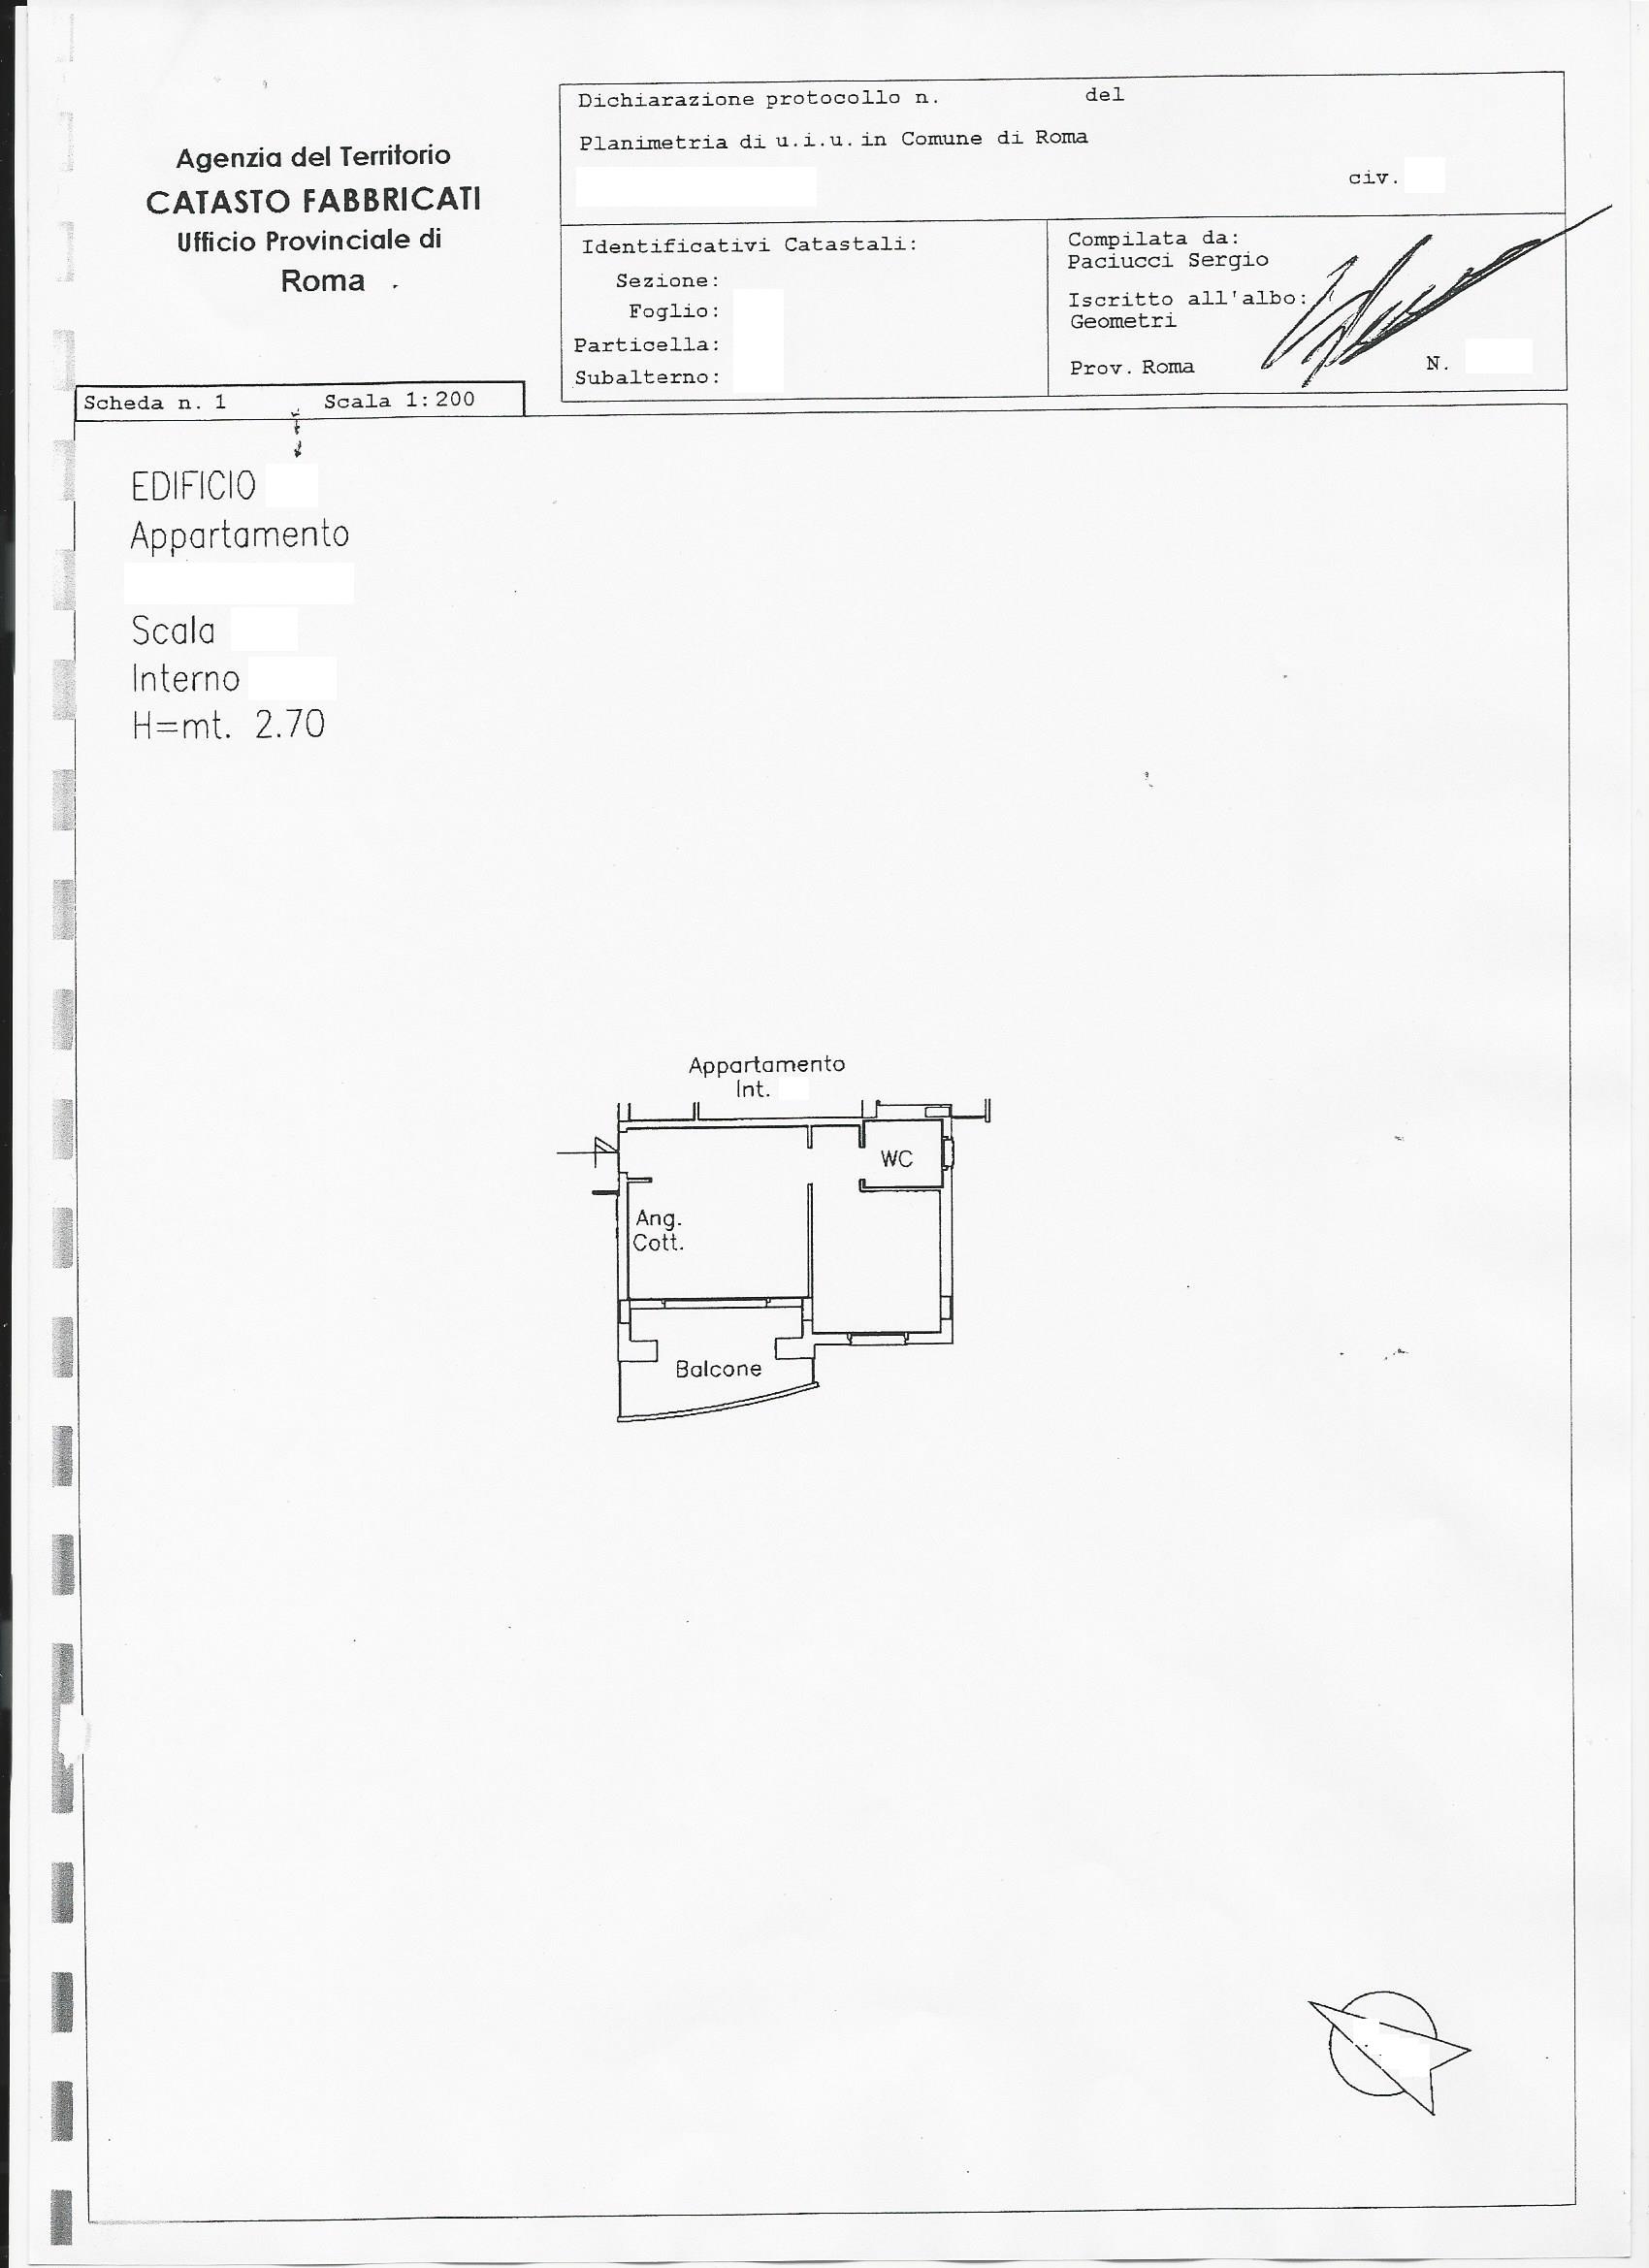 Appartamento in vendita a roma appartamento localit porta - Accatastamento casa ...